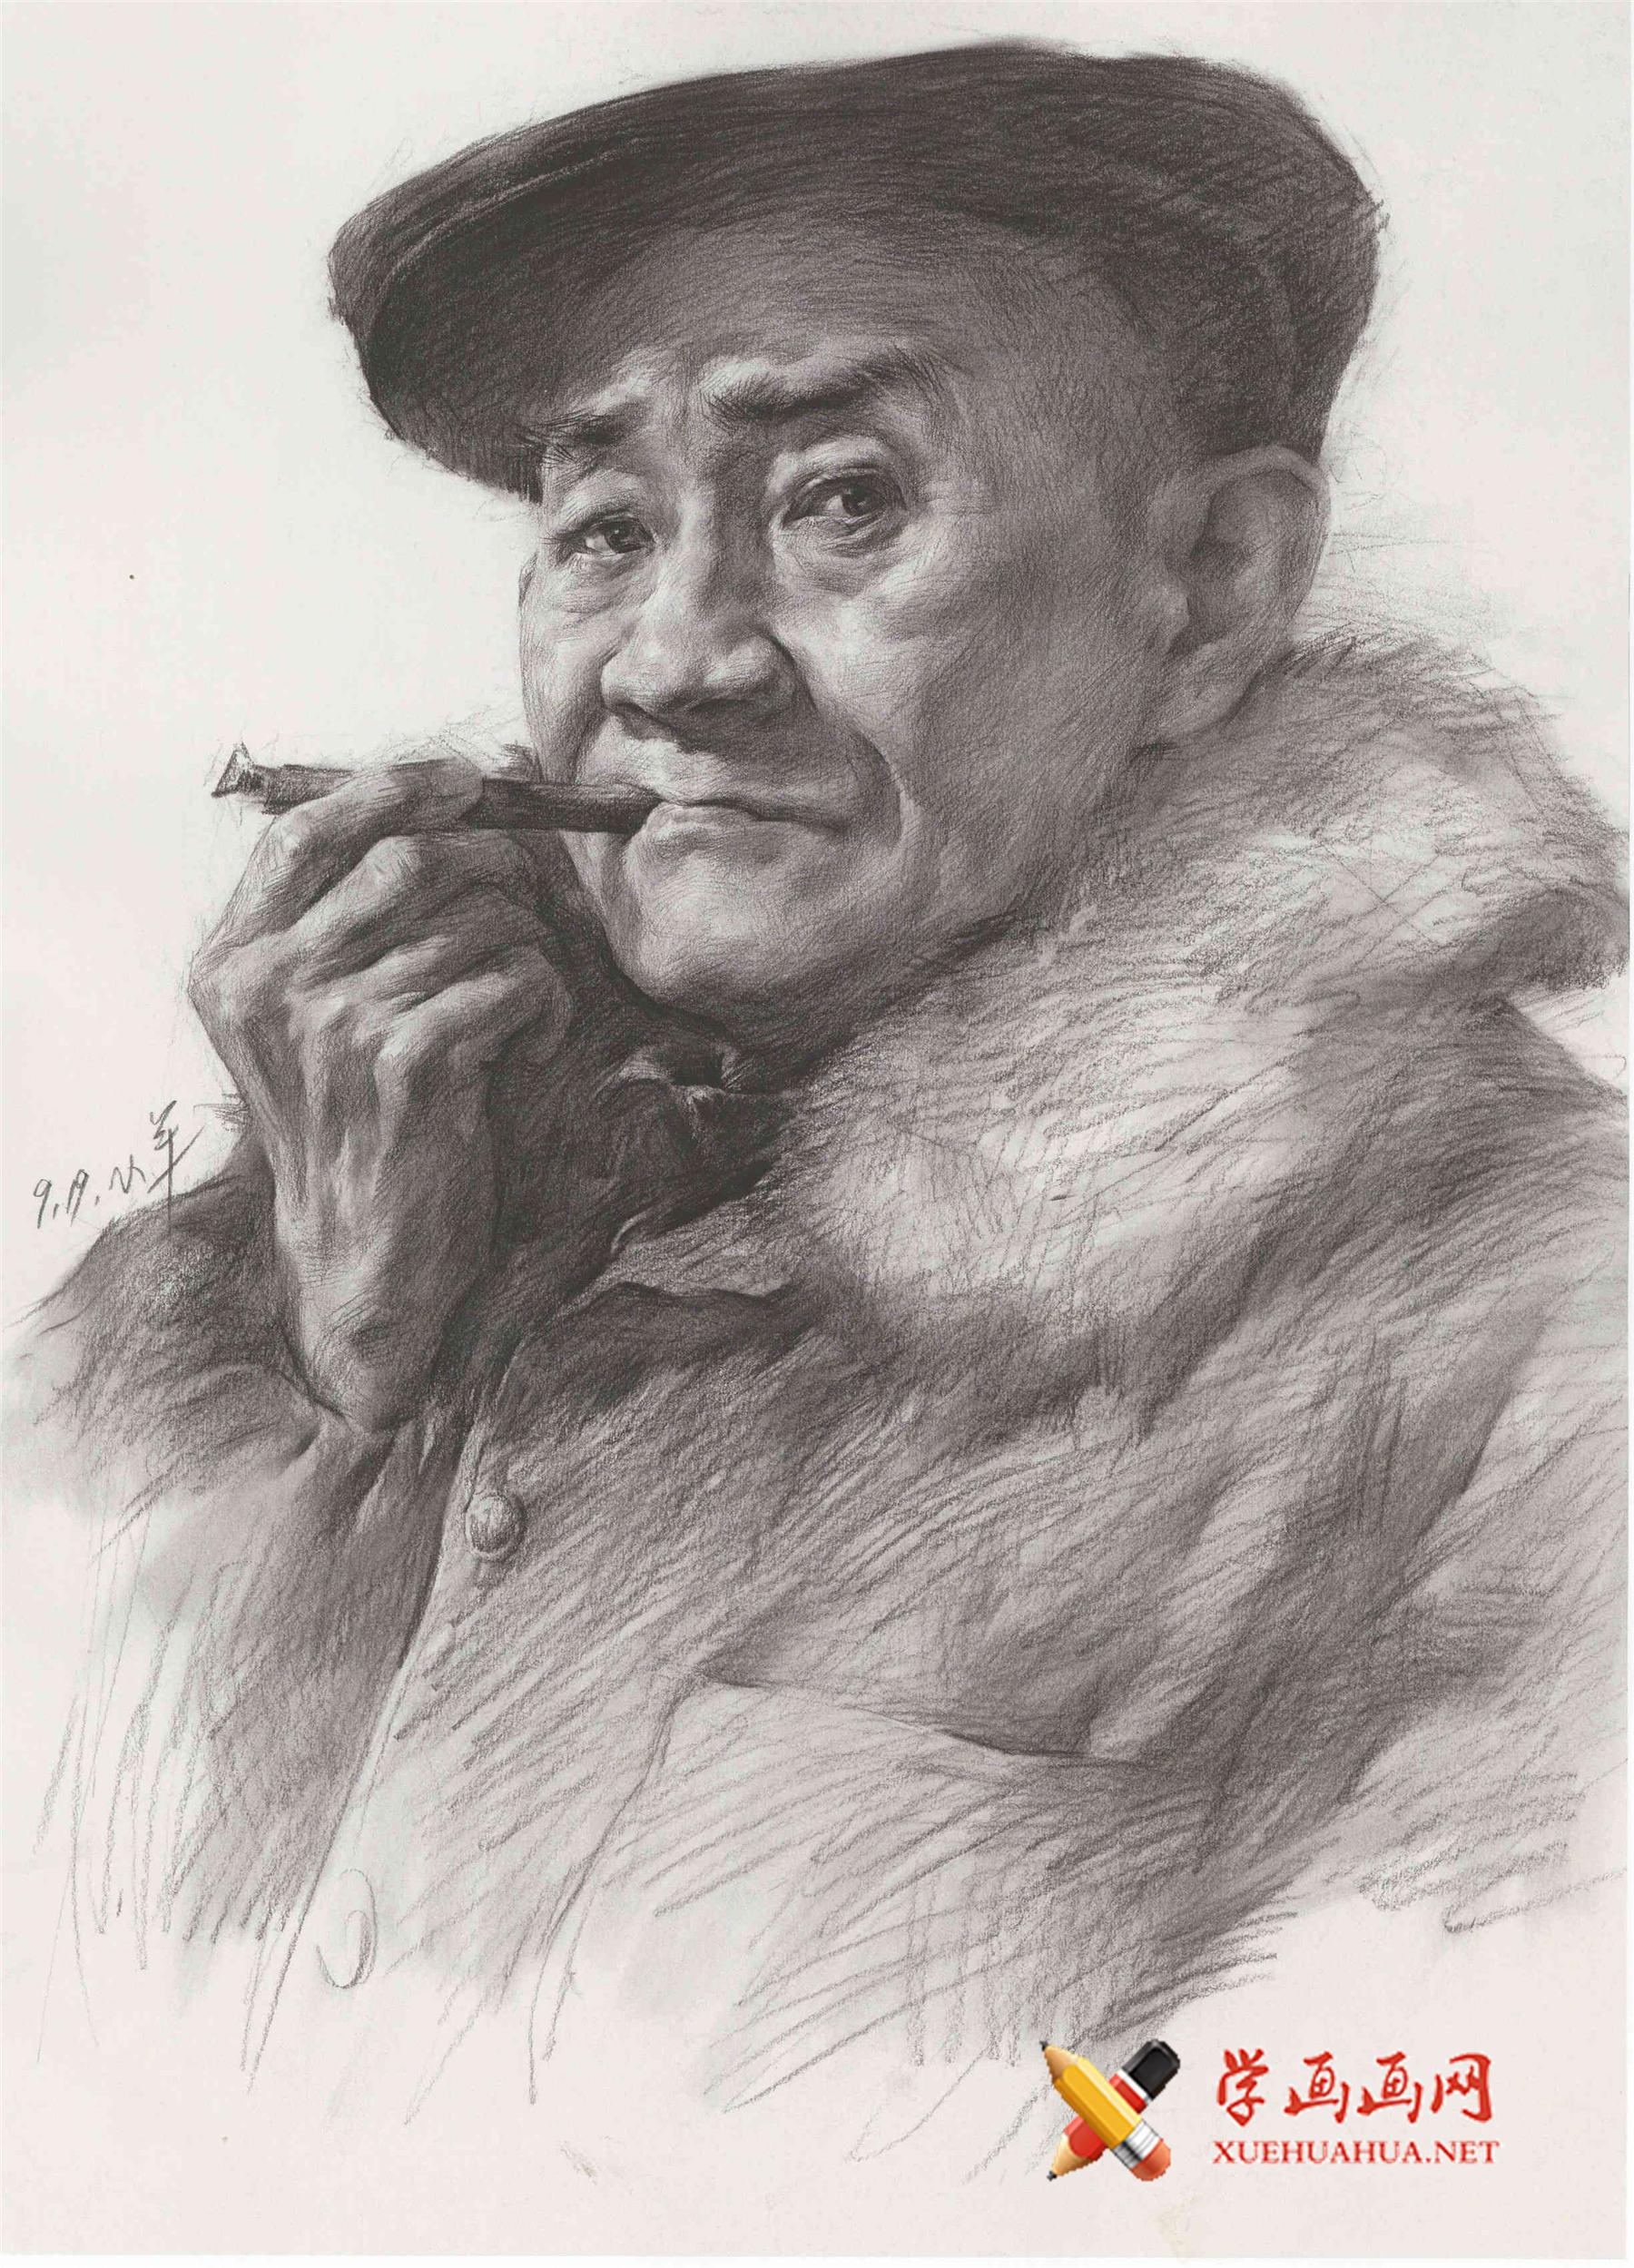 人物素描图片:抽烟斗的老头素描头像(1)